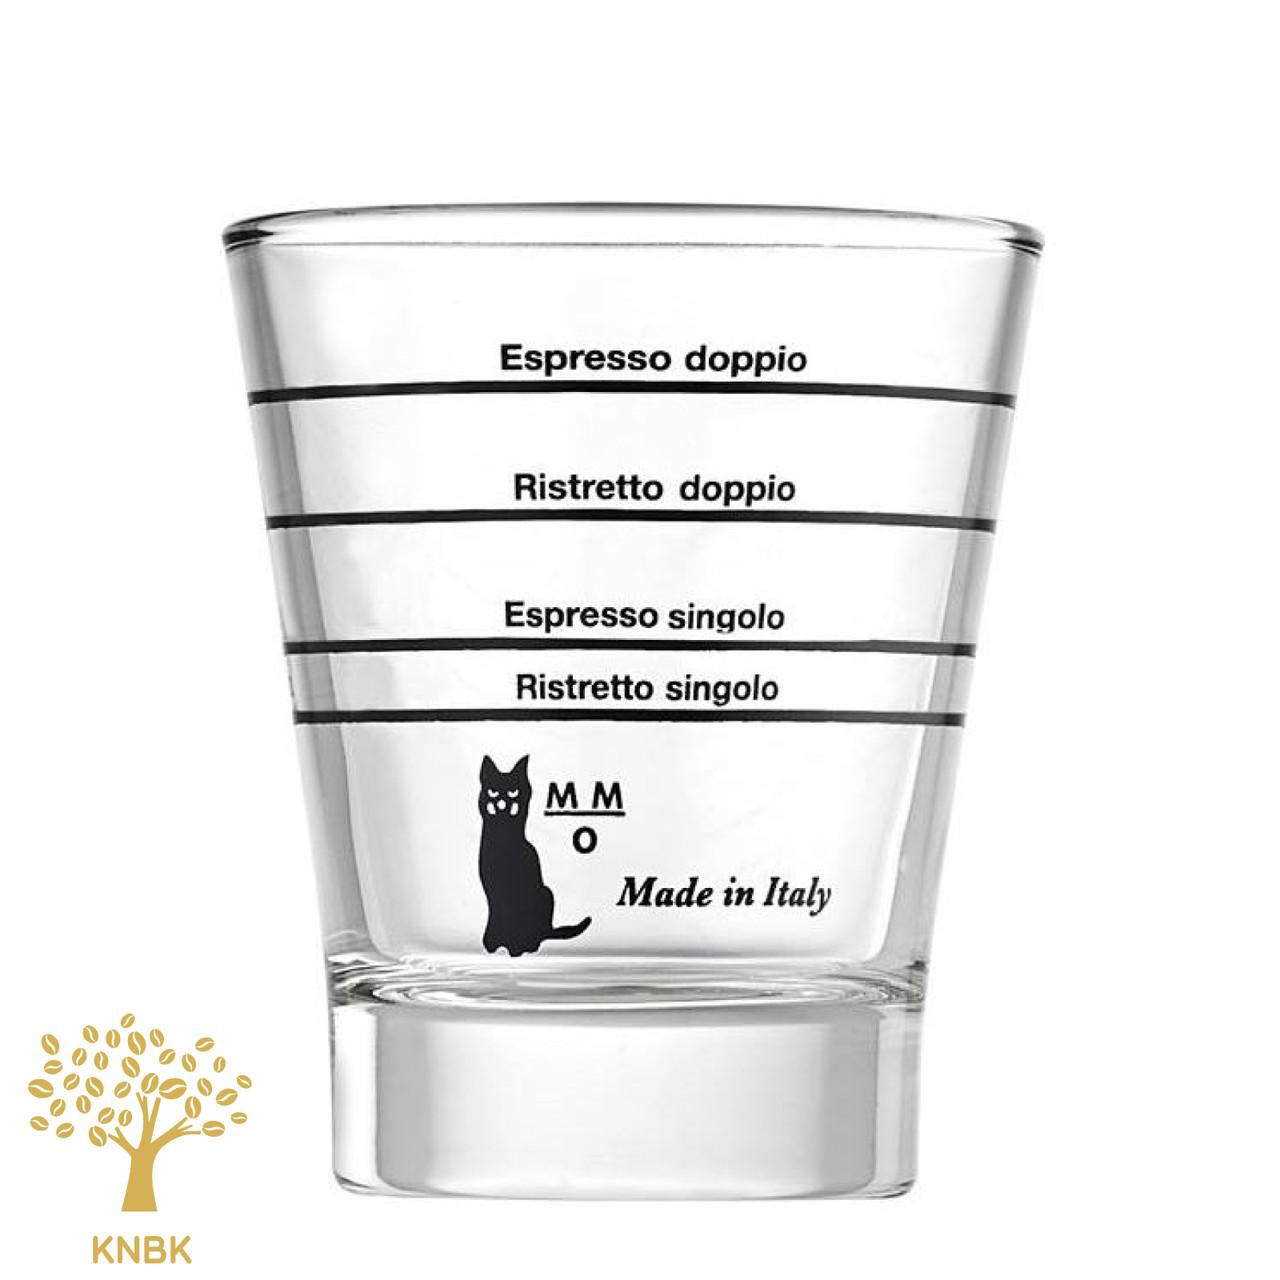 Мерный стакан Motta для приготовление кофе (эспрессо шот). 22мл,30мл,44мл,60мл.